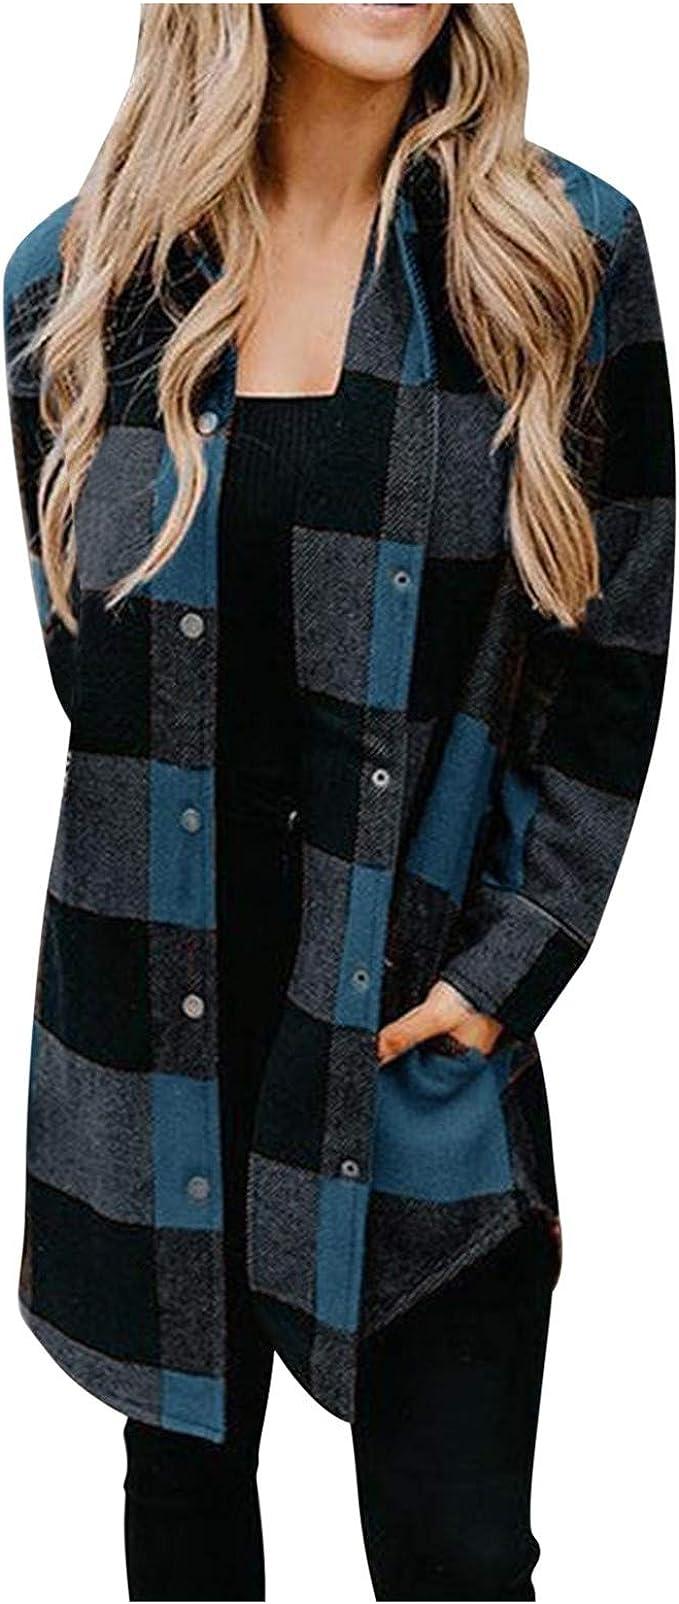 Chaqueta a Cuadros Larga para Mujer con Botones Chaqueta Transición Camisa Cuadros con Bolsillos Camisa Cuadros Manga Larga Estilo Moda Casual Otoño